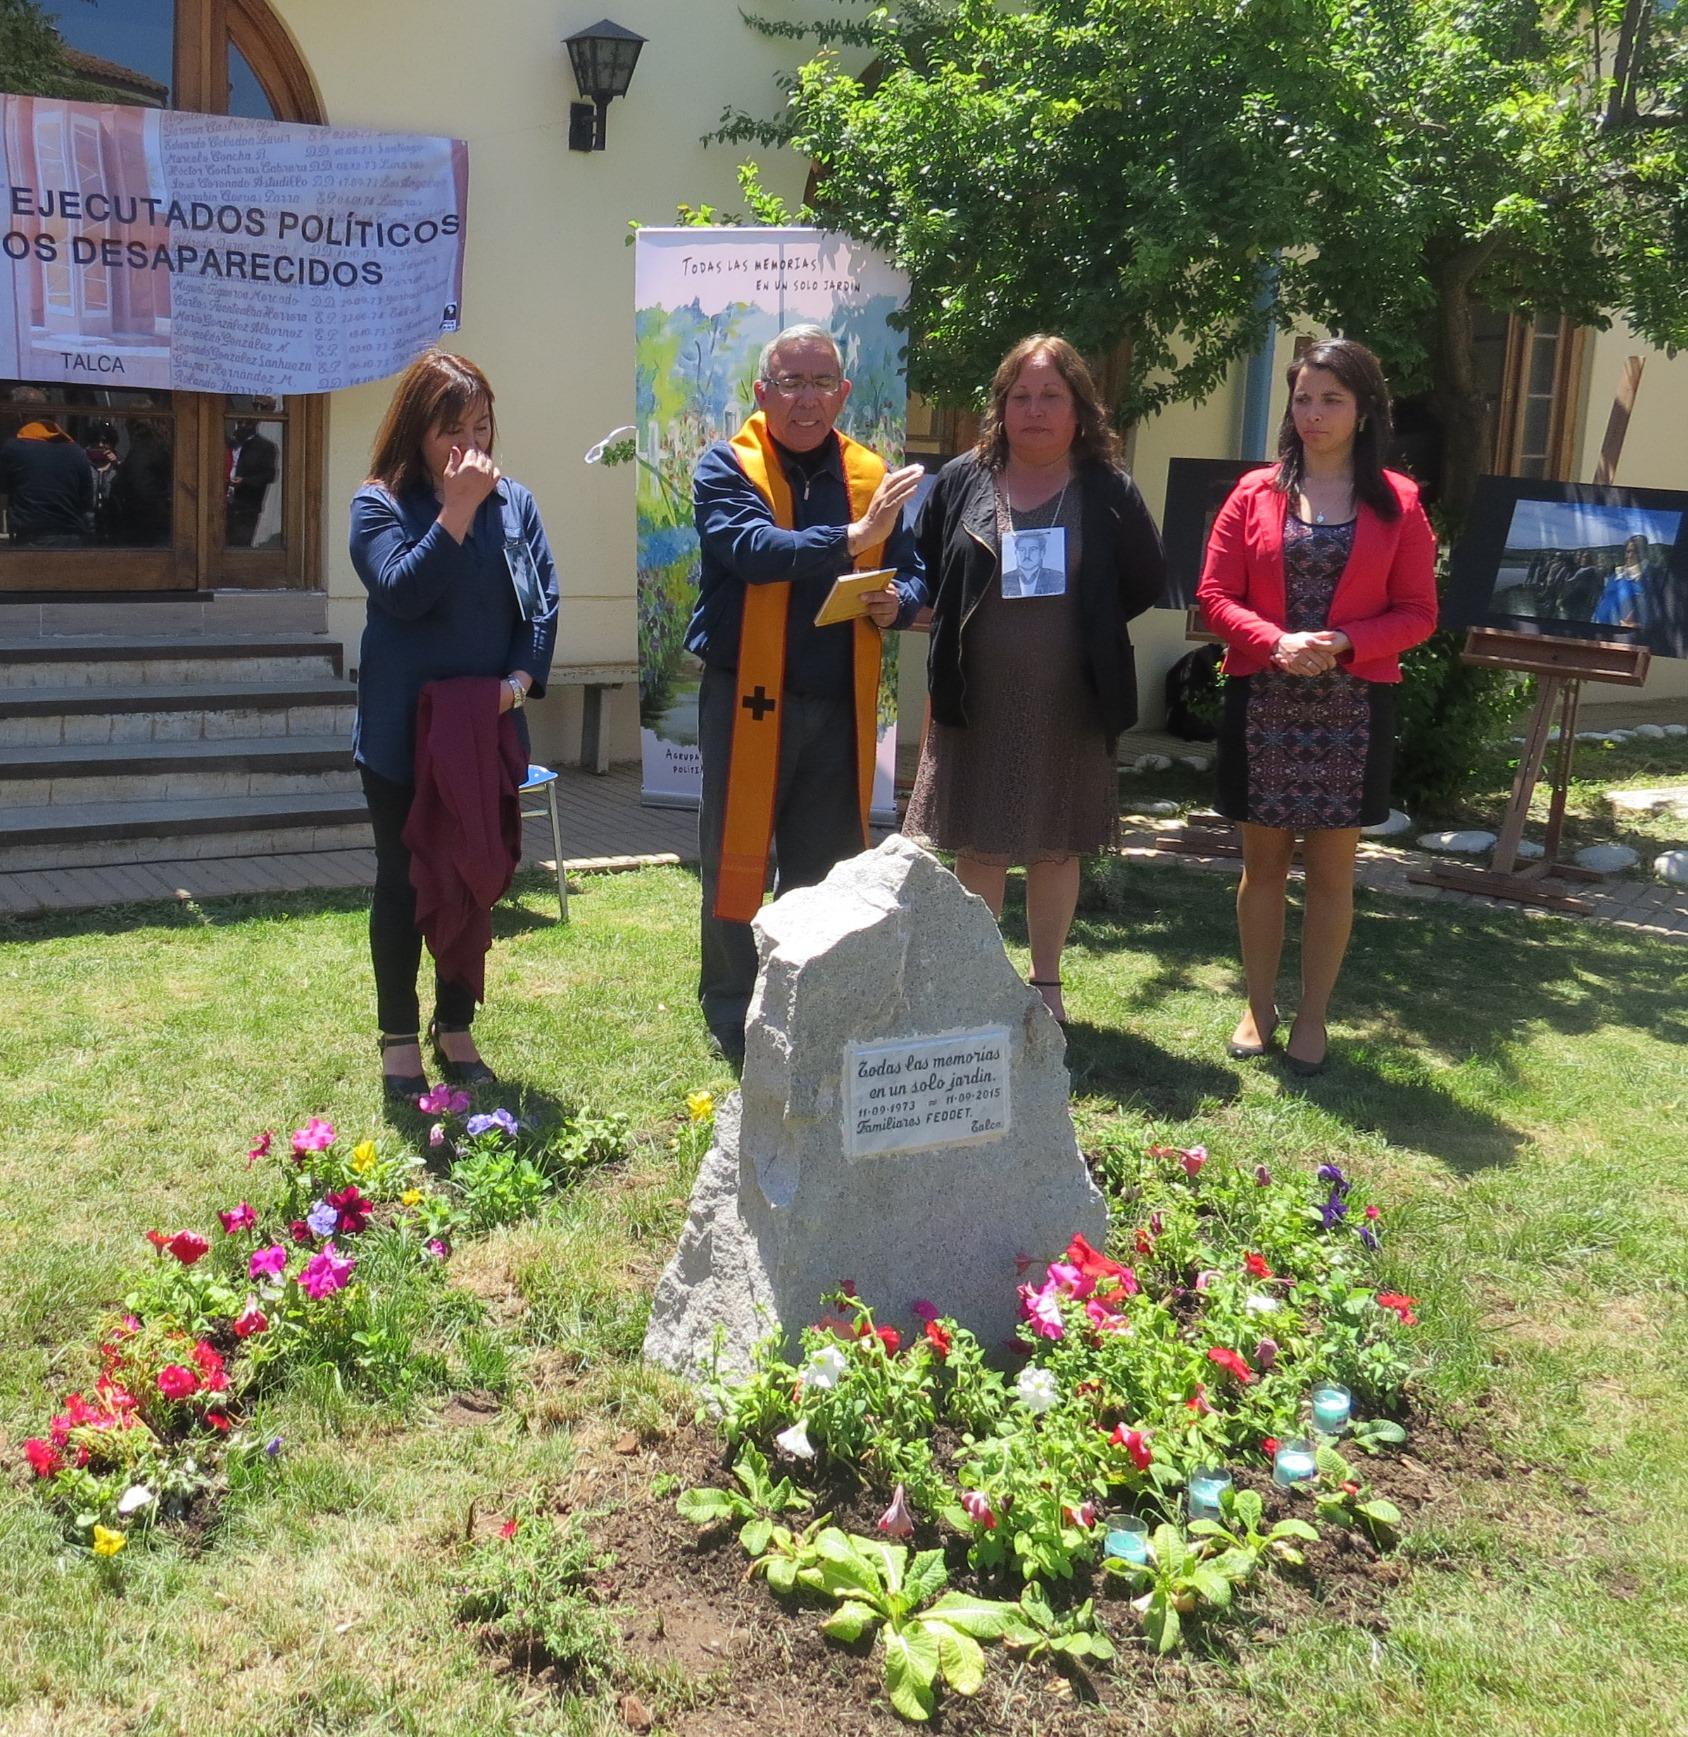 Sename y Agrupación de Ejecutados y Desaparecidos inauguran jardín en centro de justicia juvenil de Talca